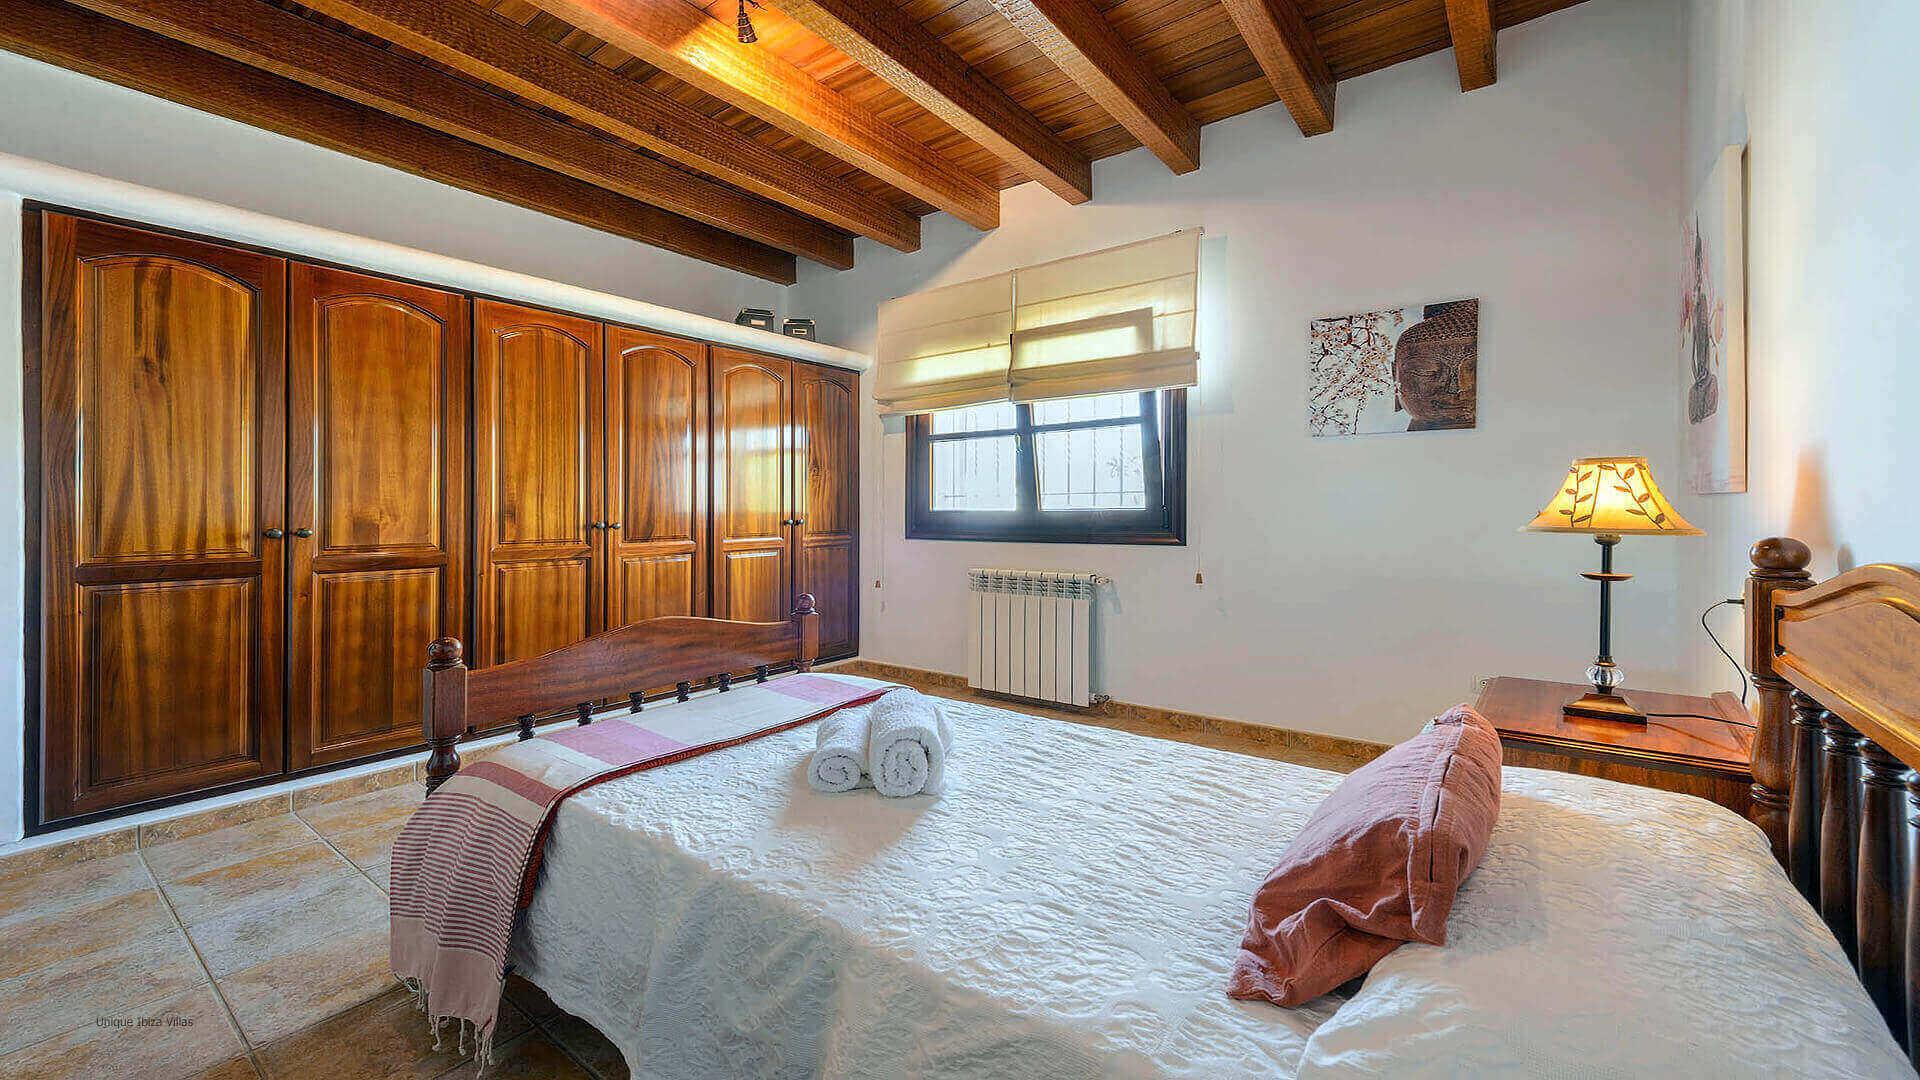 Curreu III Ibiza 40 Bedroom 4